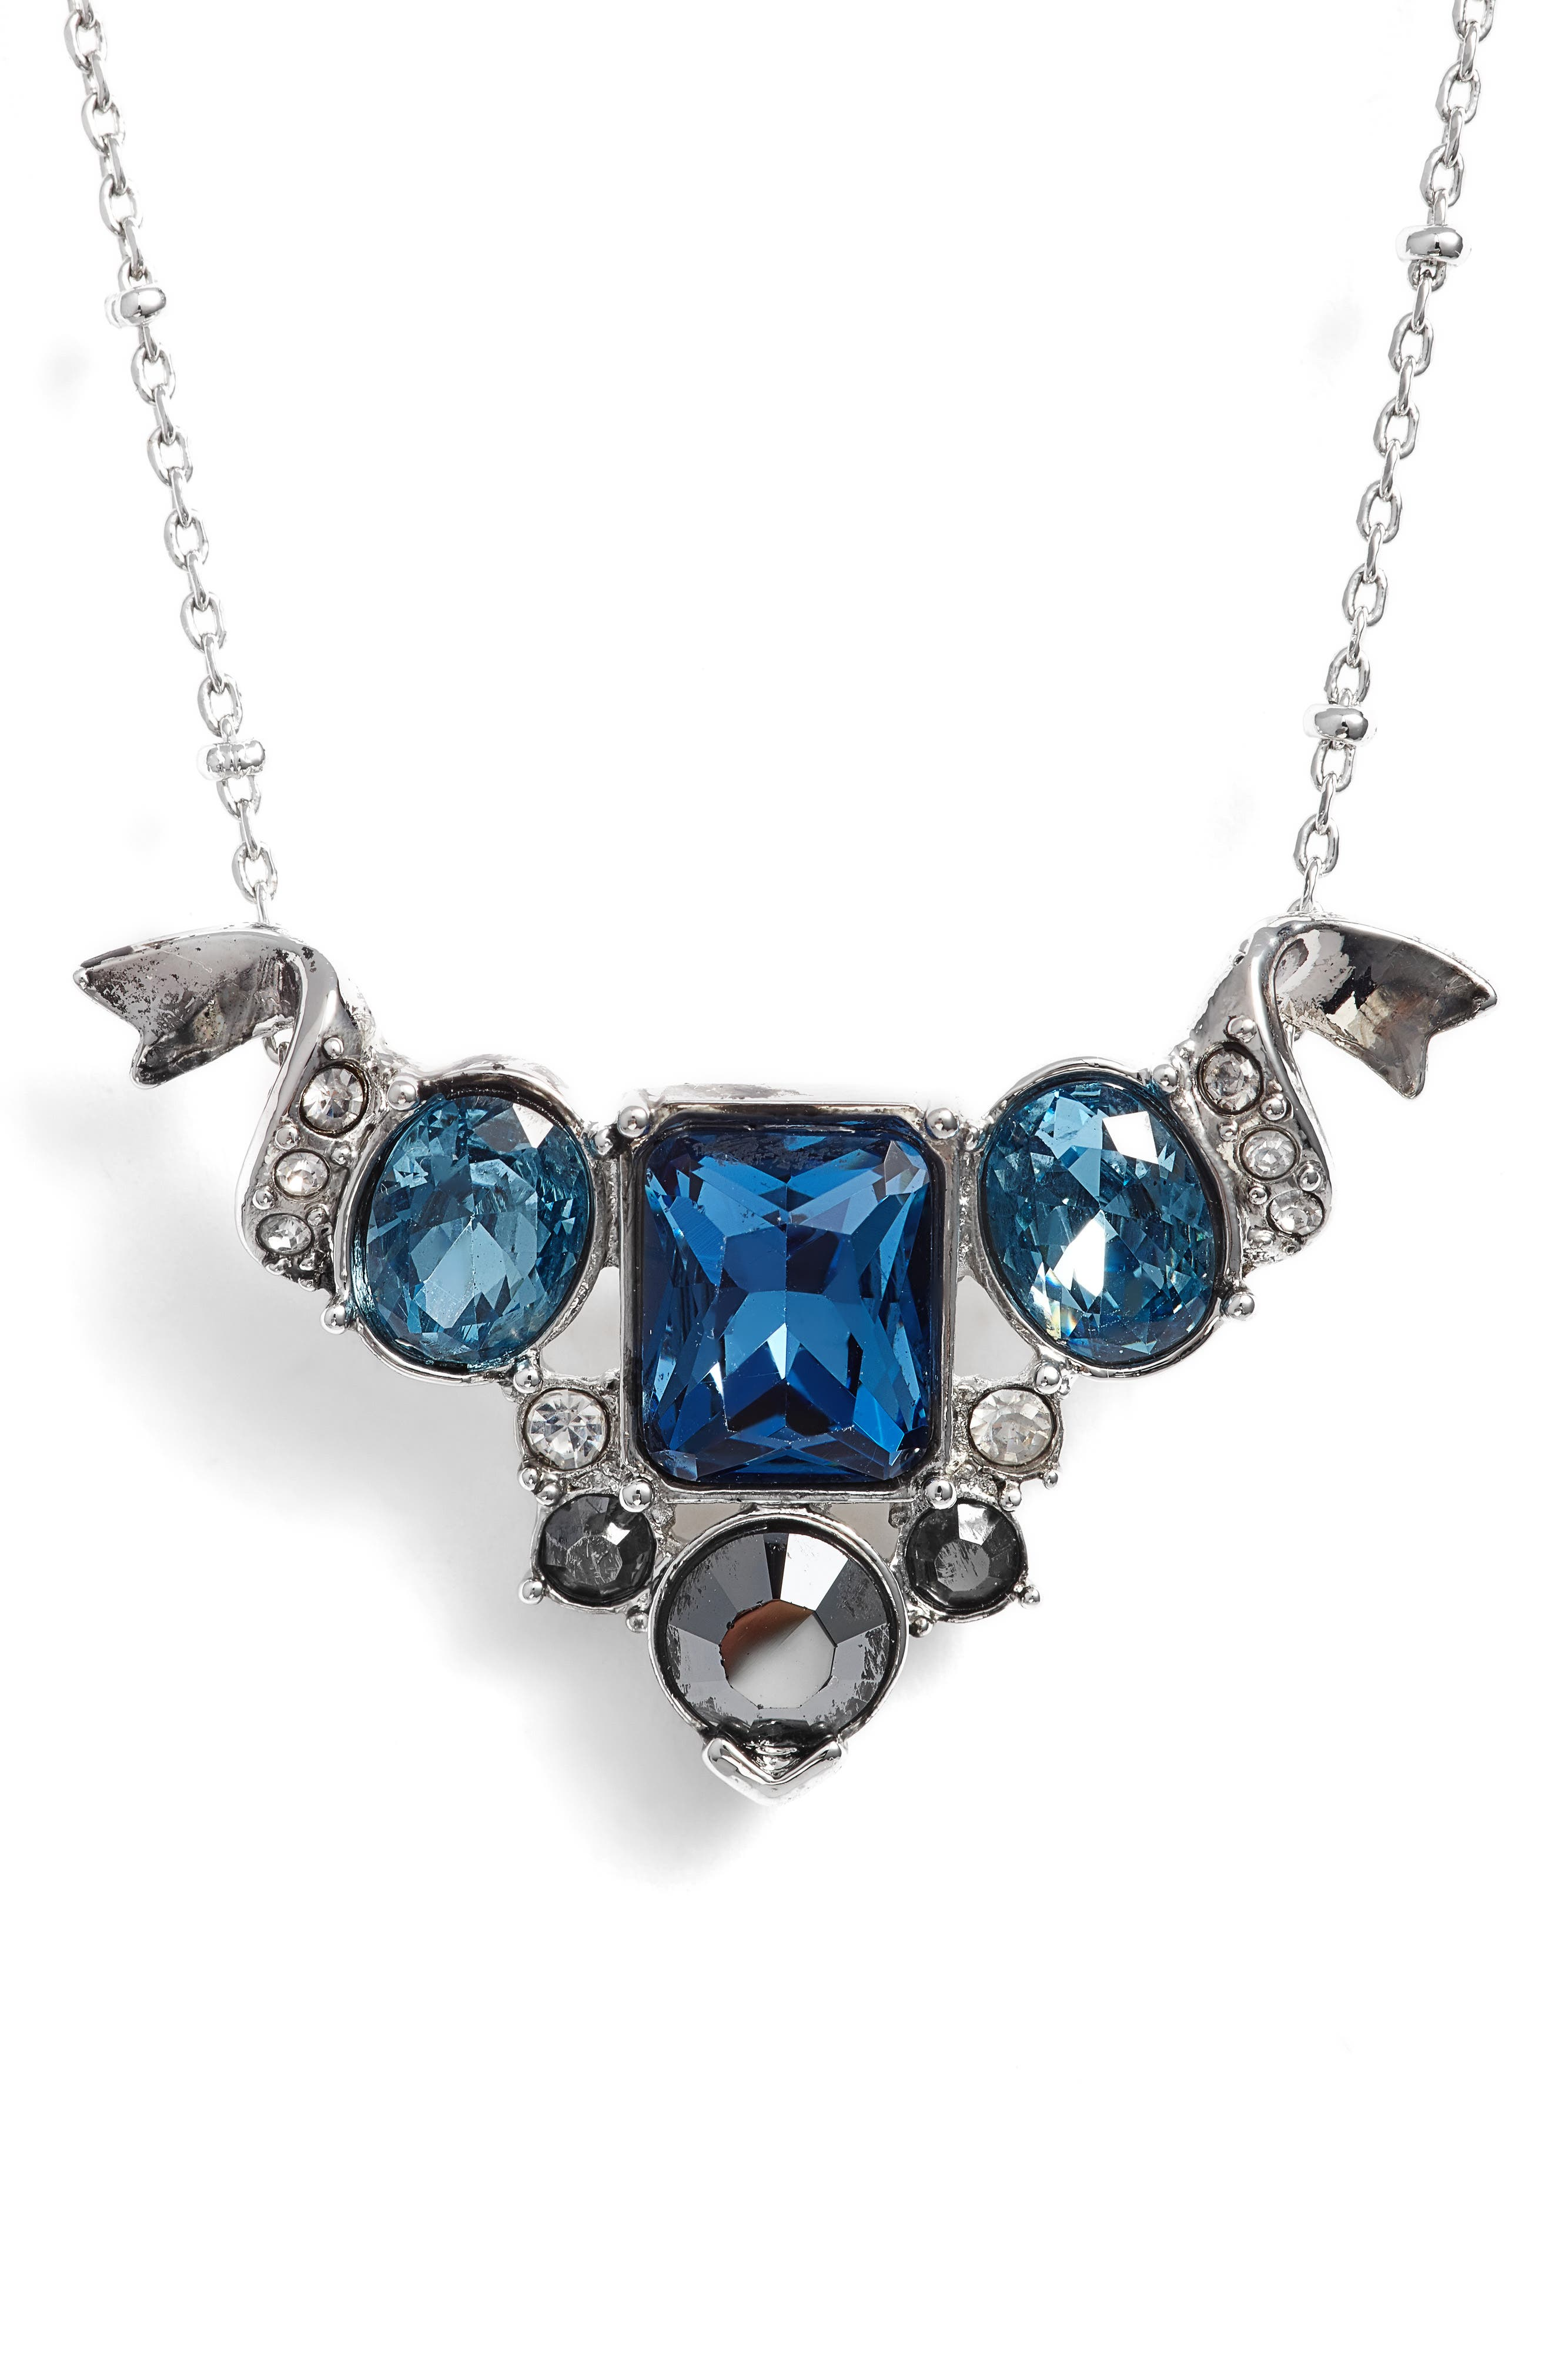 Main Image - Jenny Packham Pendant Necklace